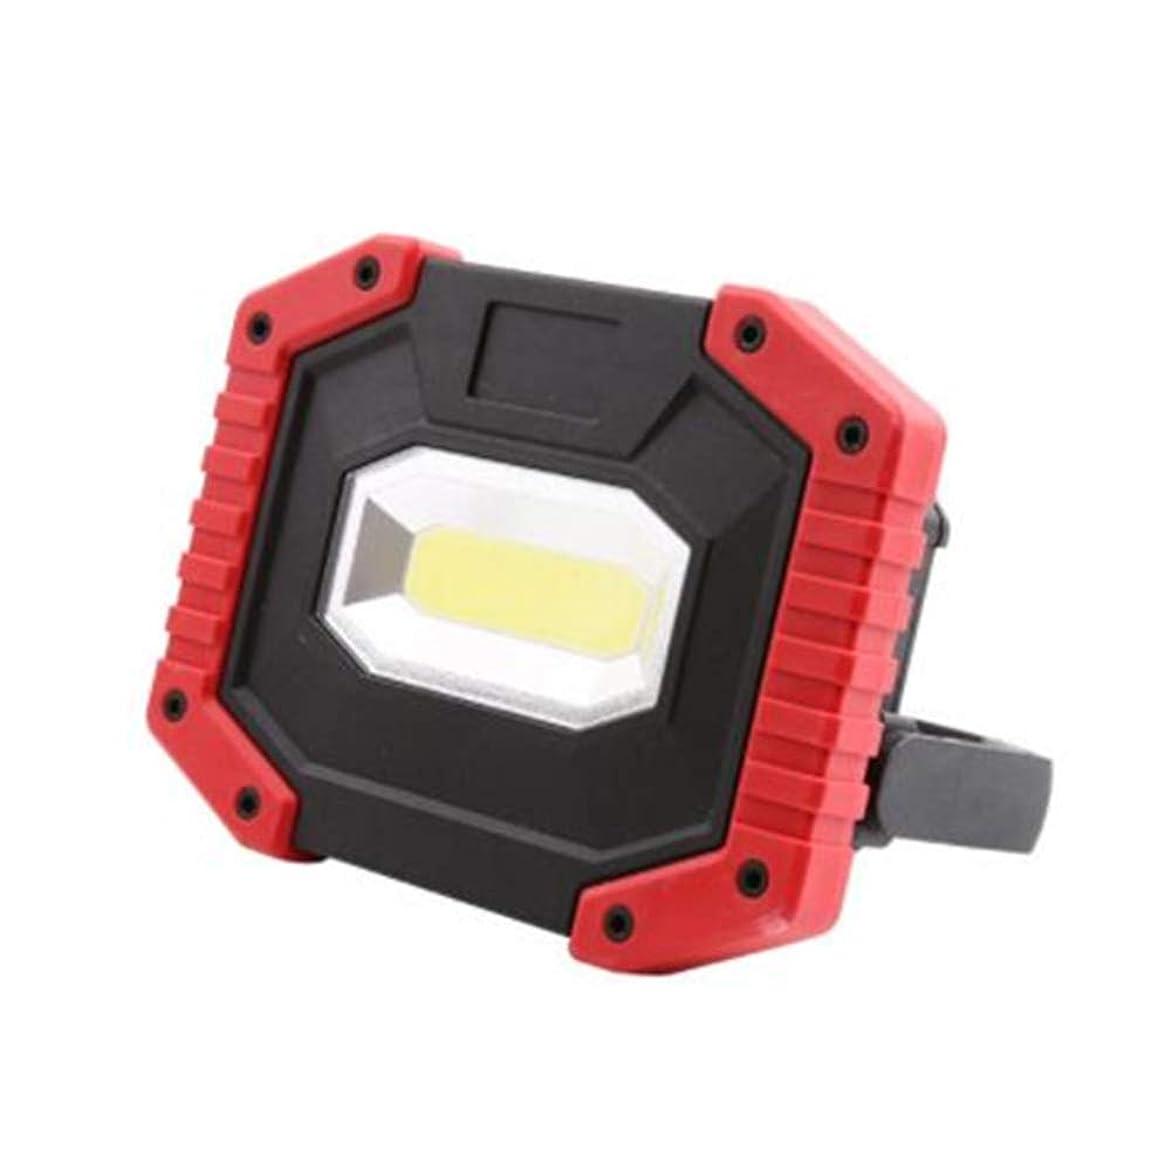 心理的に簡単なうんざりOGink LED 充電式 投光器 30W ポータブル 作業灯 緊急照明 屋外照明 ワークライト usb 充電式 LED投光器 防水 防塵 防災 作業灯 駐車場 工事現場 業務用 照明